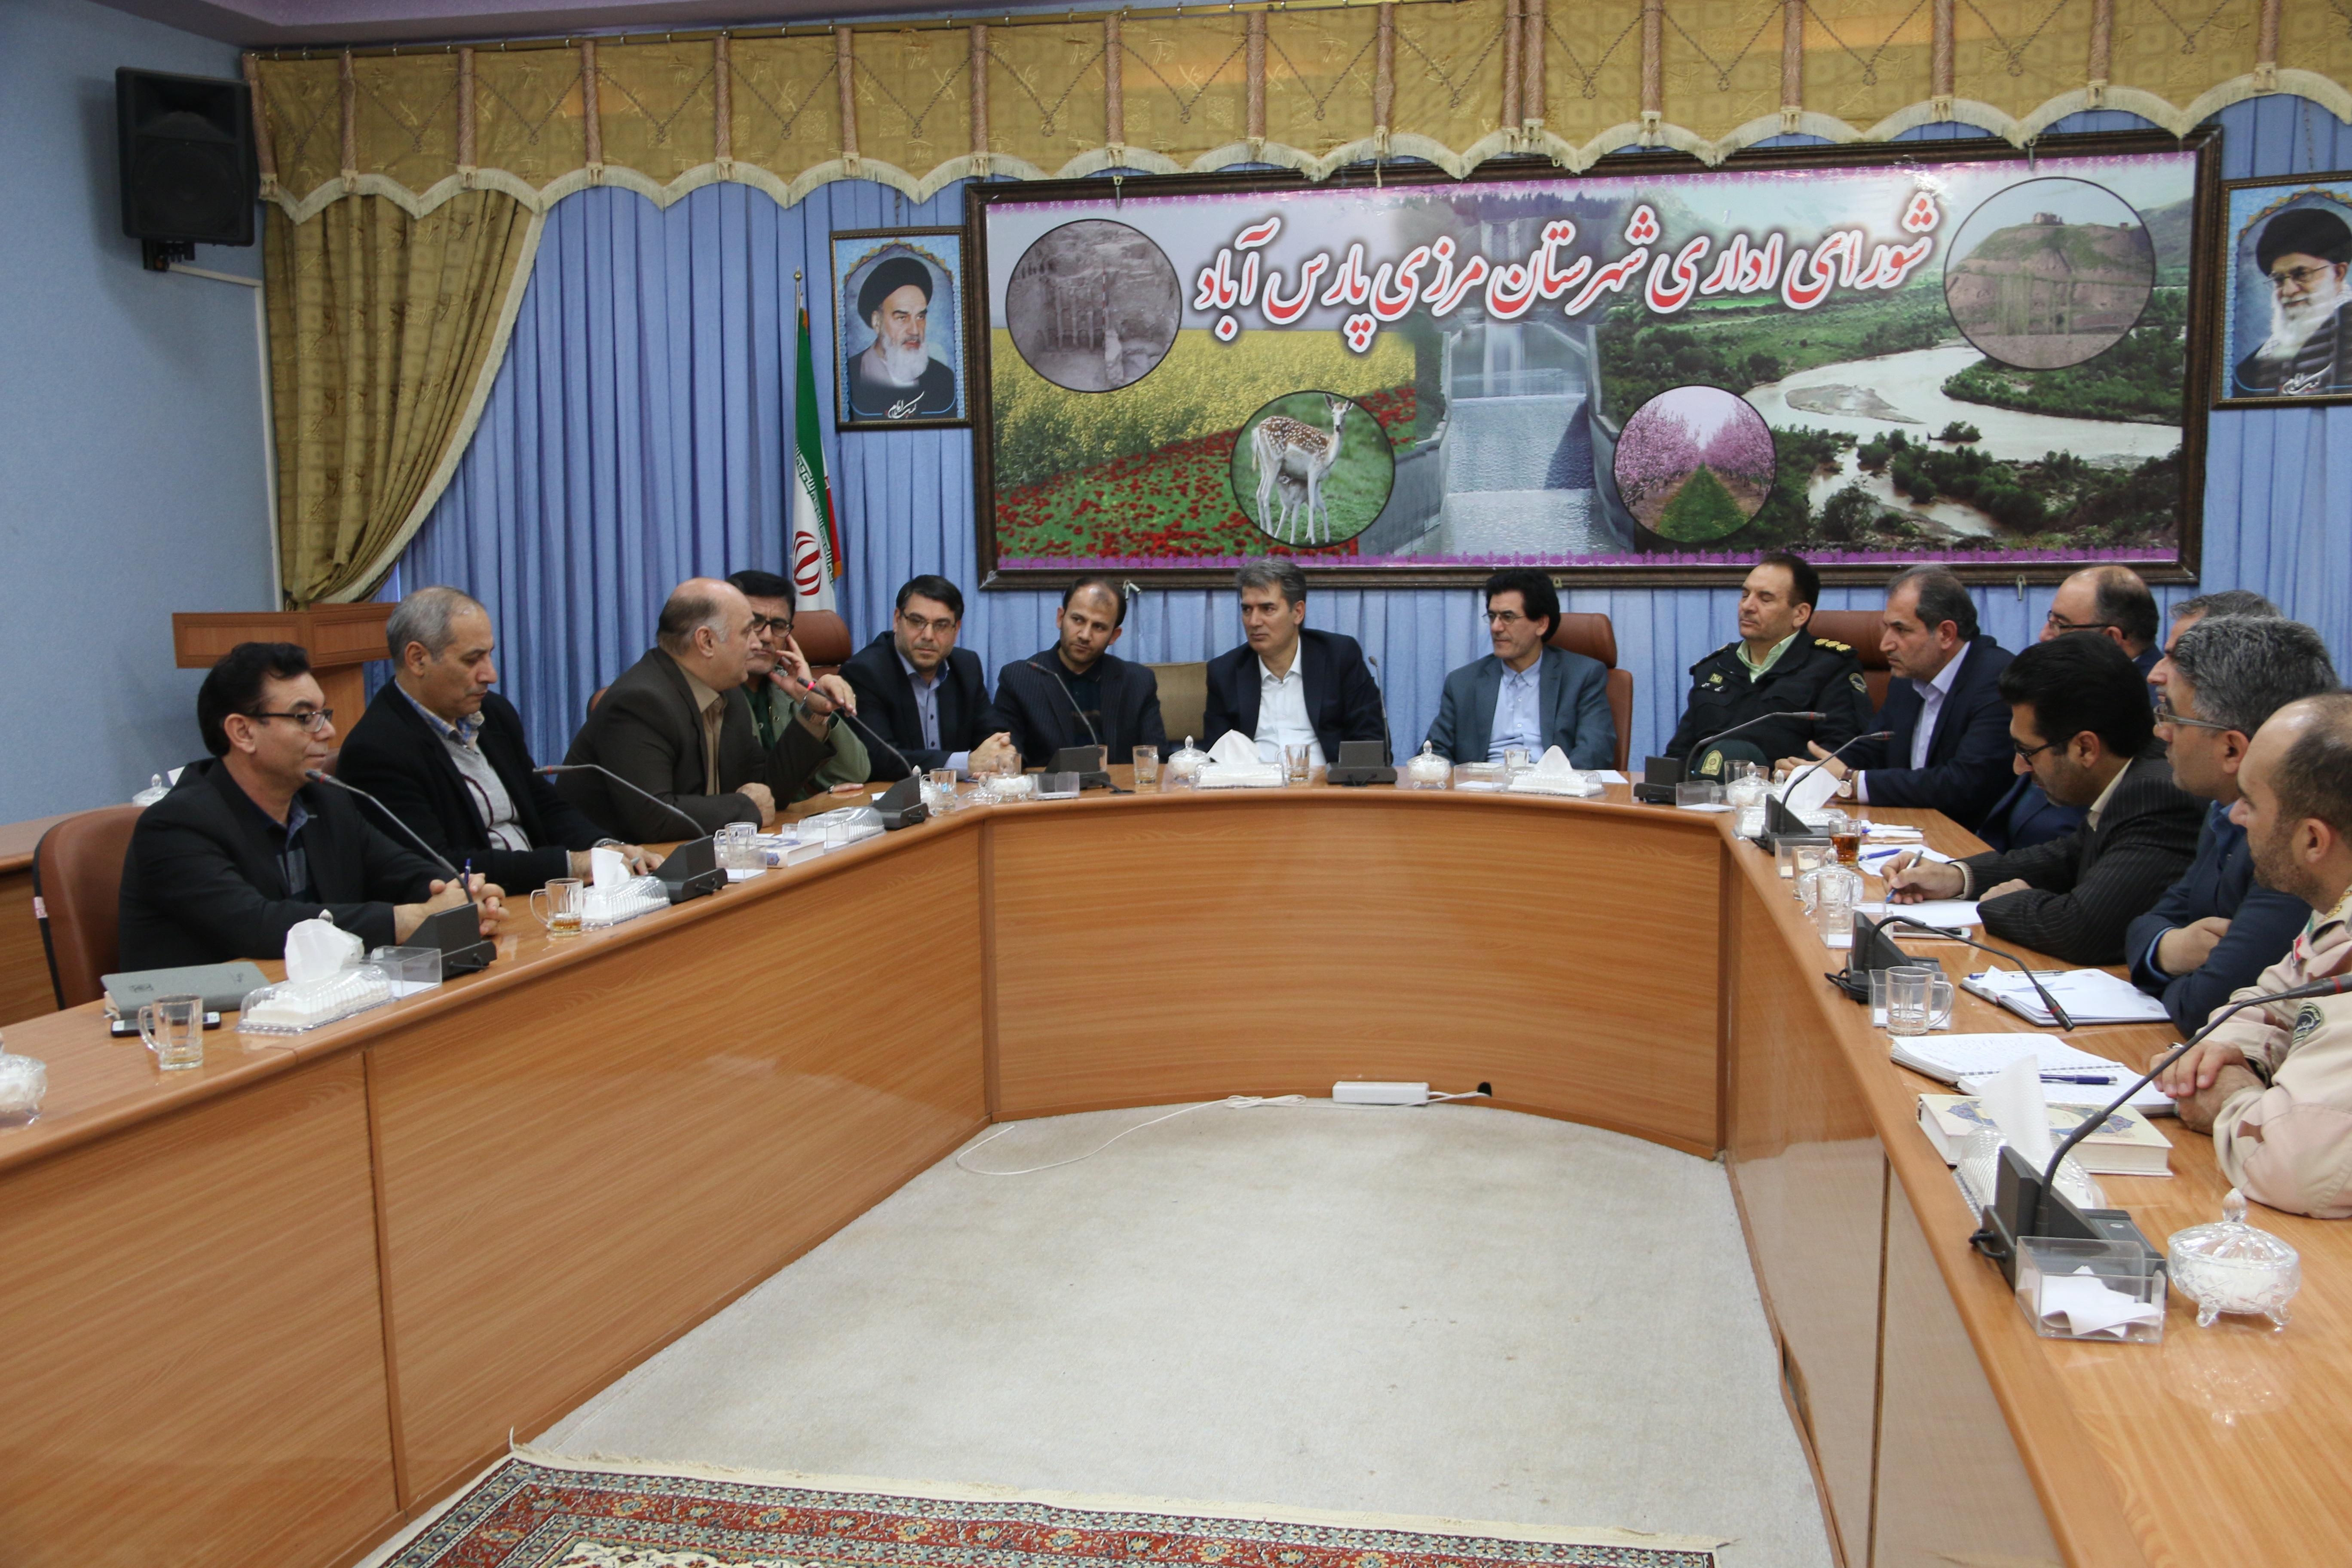 مدیر کل تامین اجتماعی استان اردبیل خبر داد: حمایت همه جانبه تامین اجتماعی از کارگران کشت و صنعت مغان